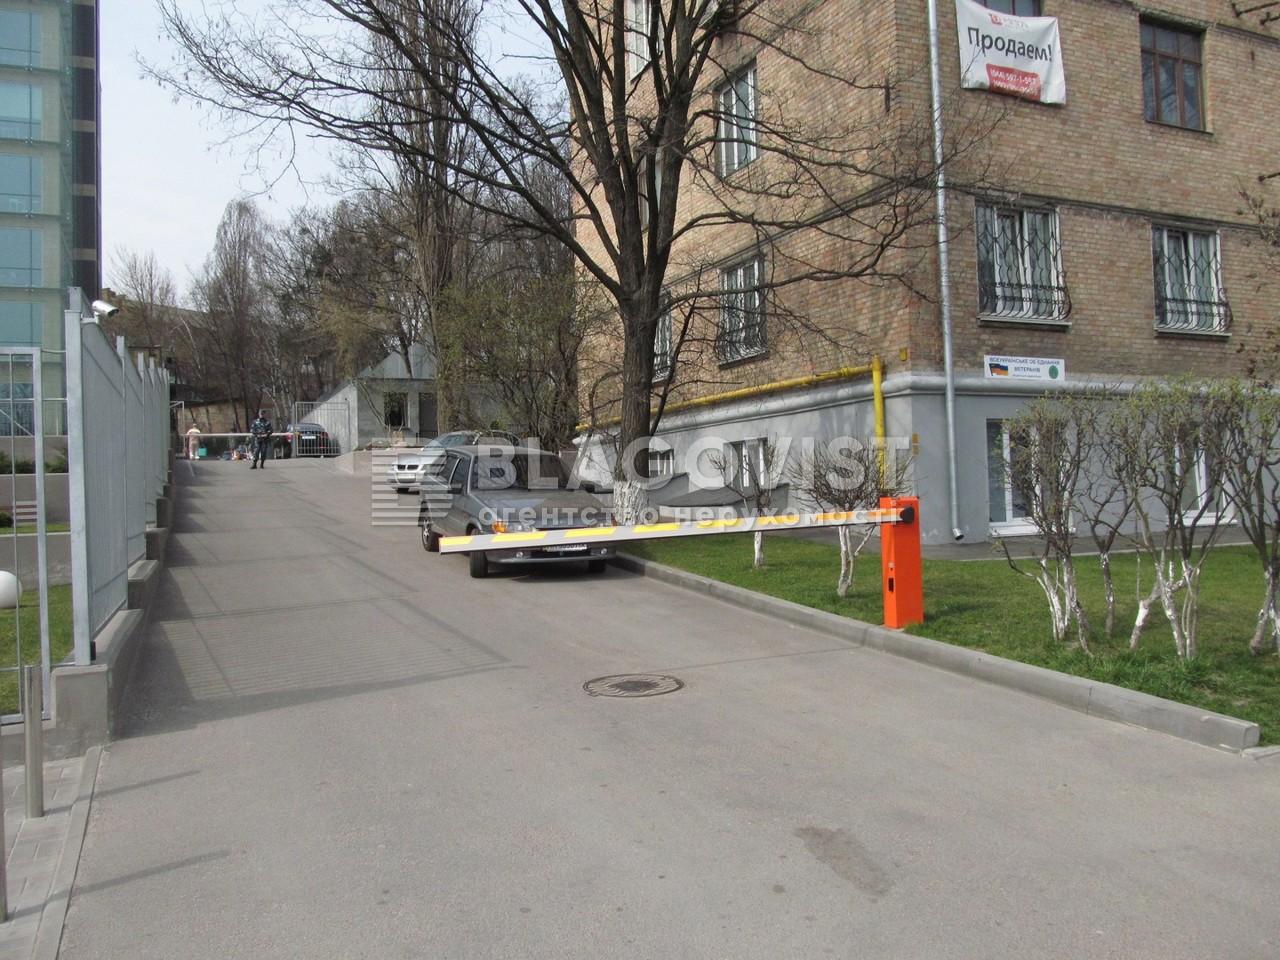 Квартира F-11331, Бойчука Михаила (Киквидзе), 4, Киев - Фото 6